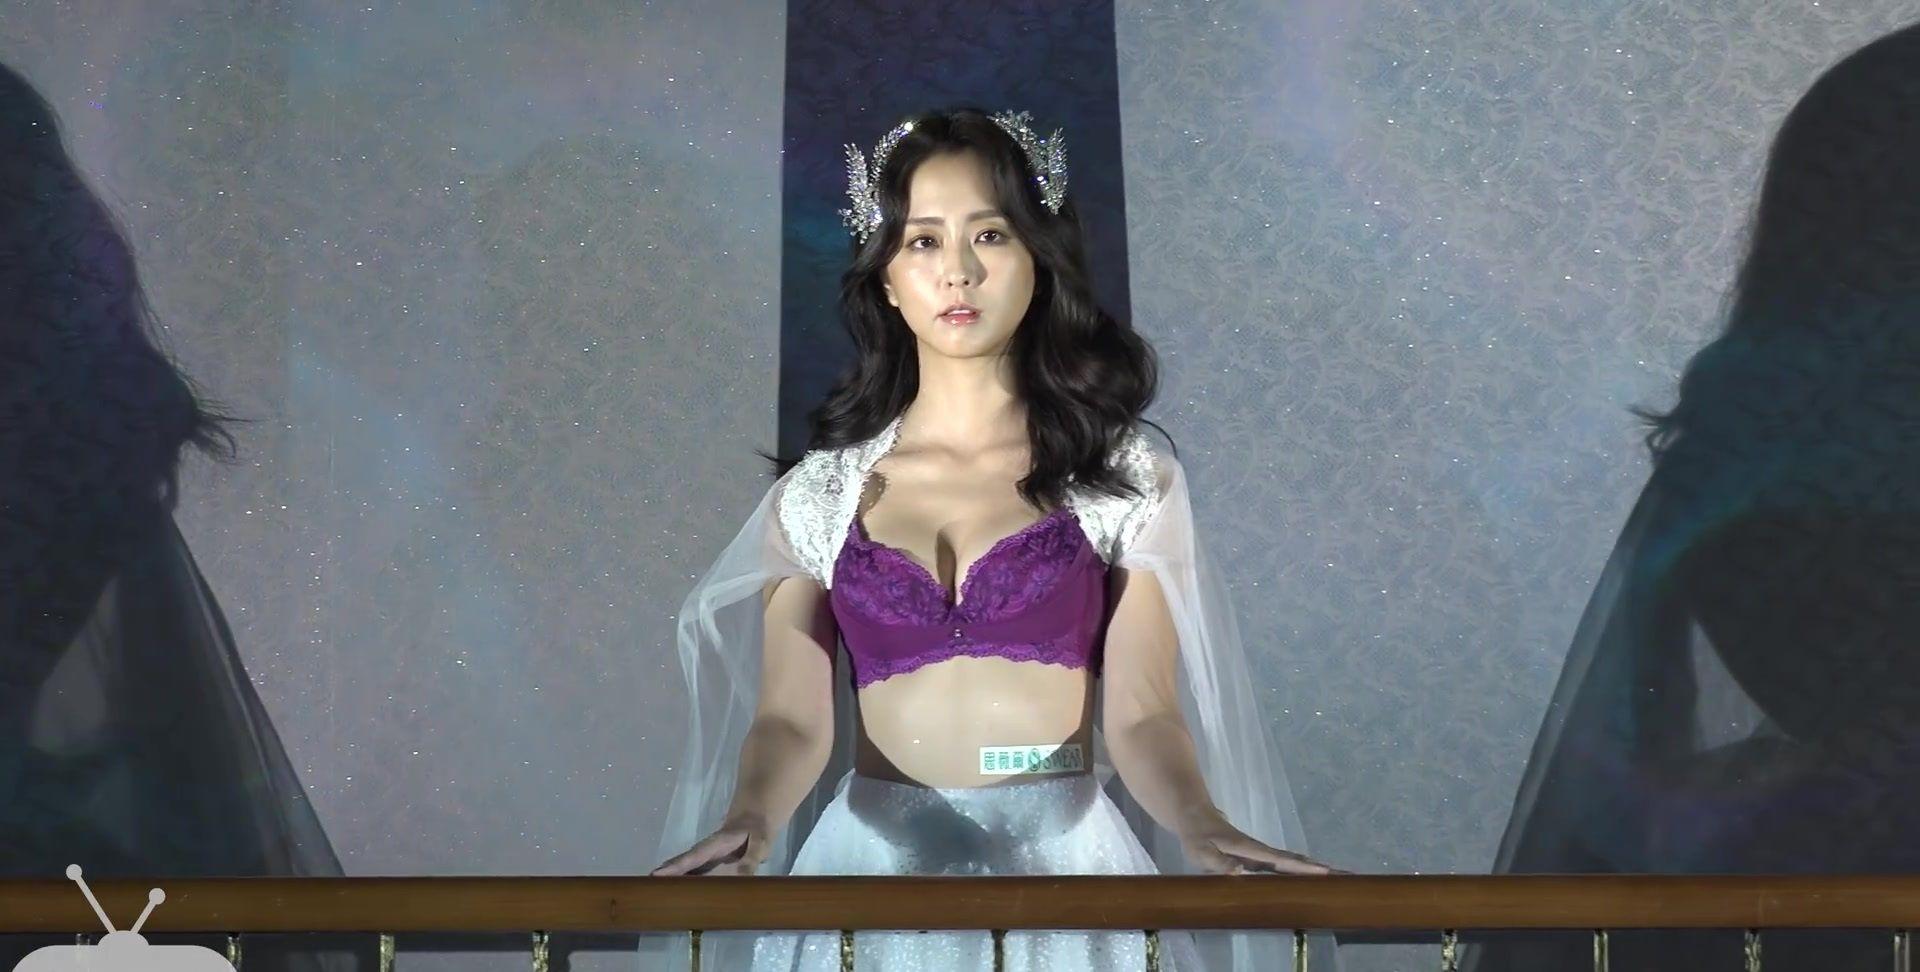 台北内衣时装秀:模特气质优雅,身材火辣,美艳不可方物